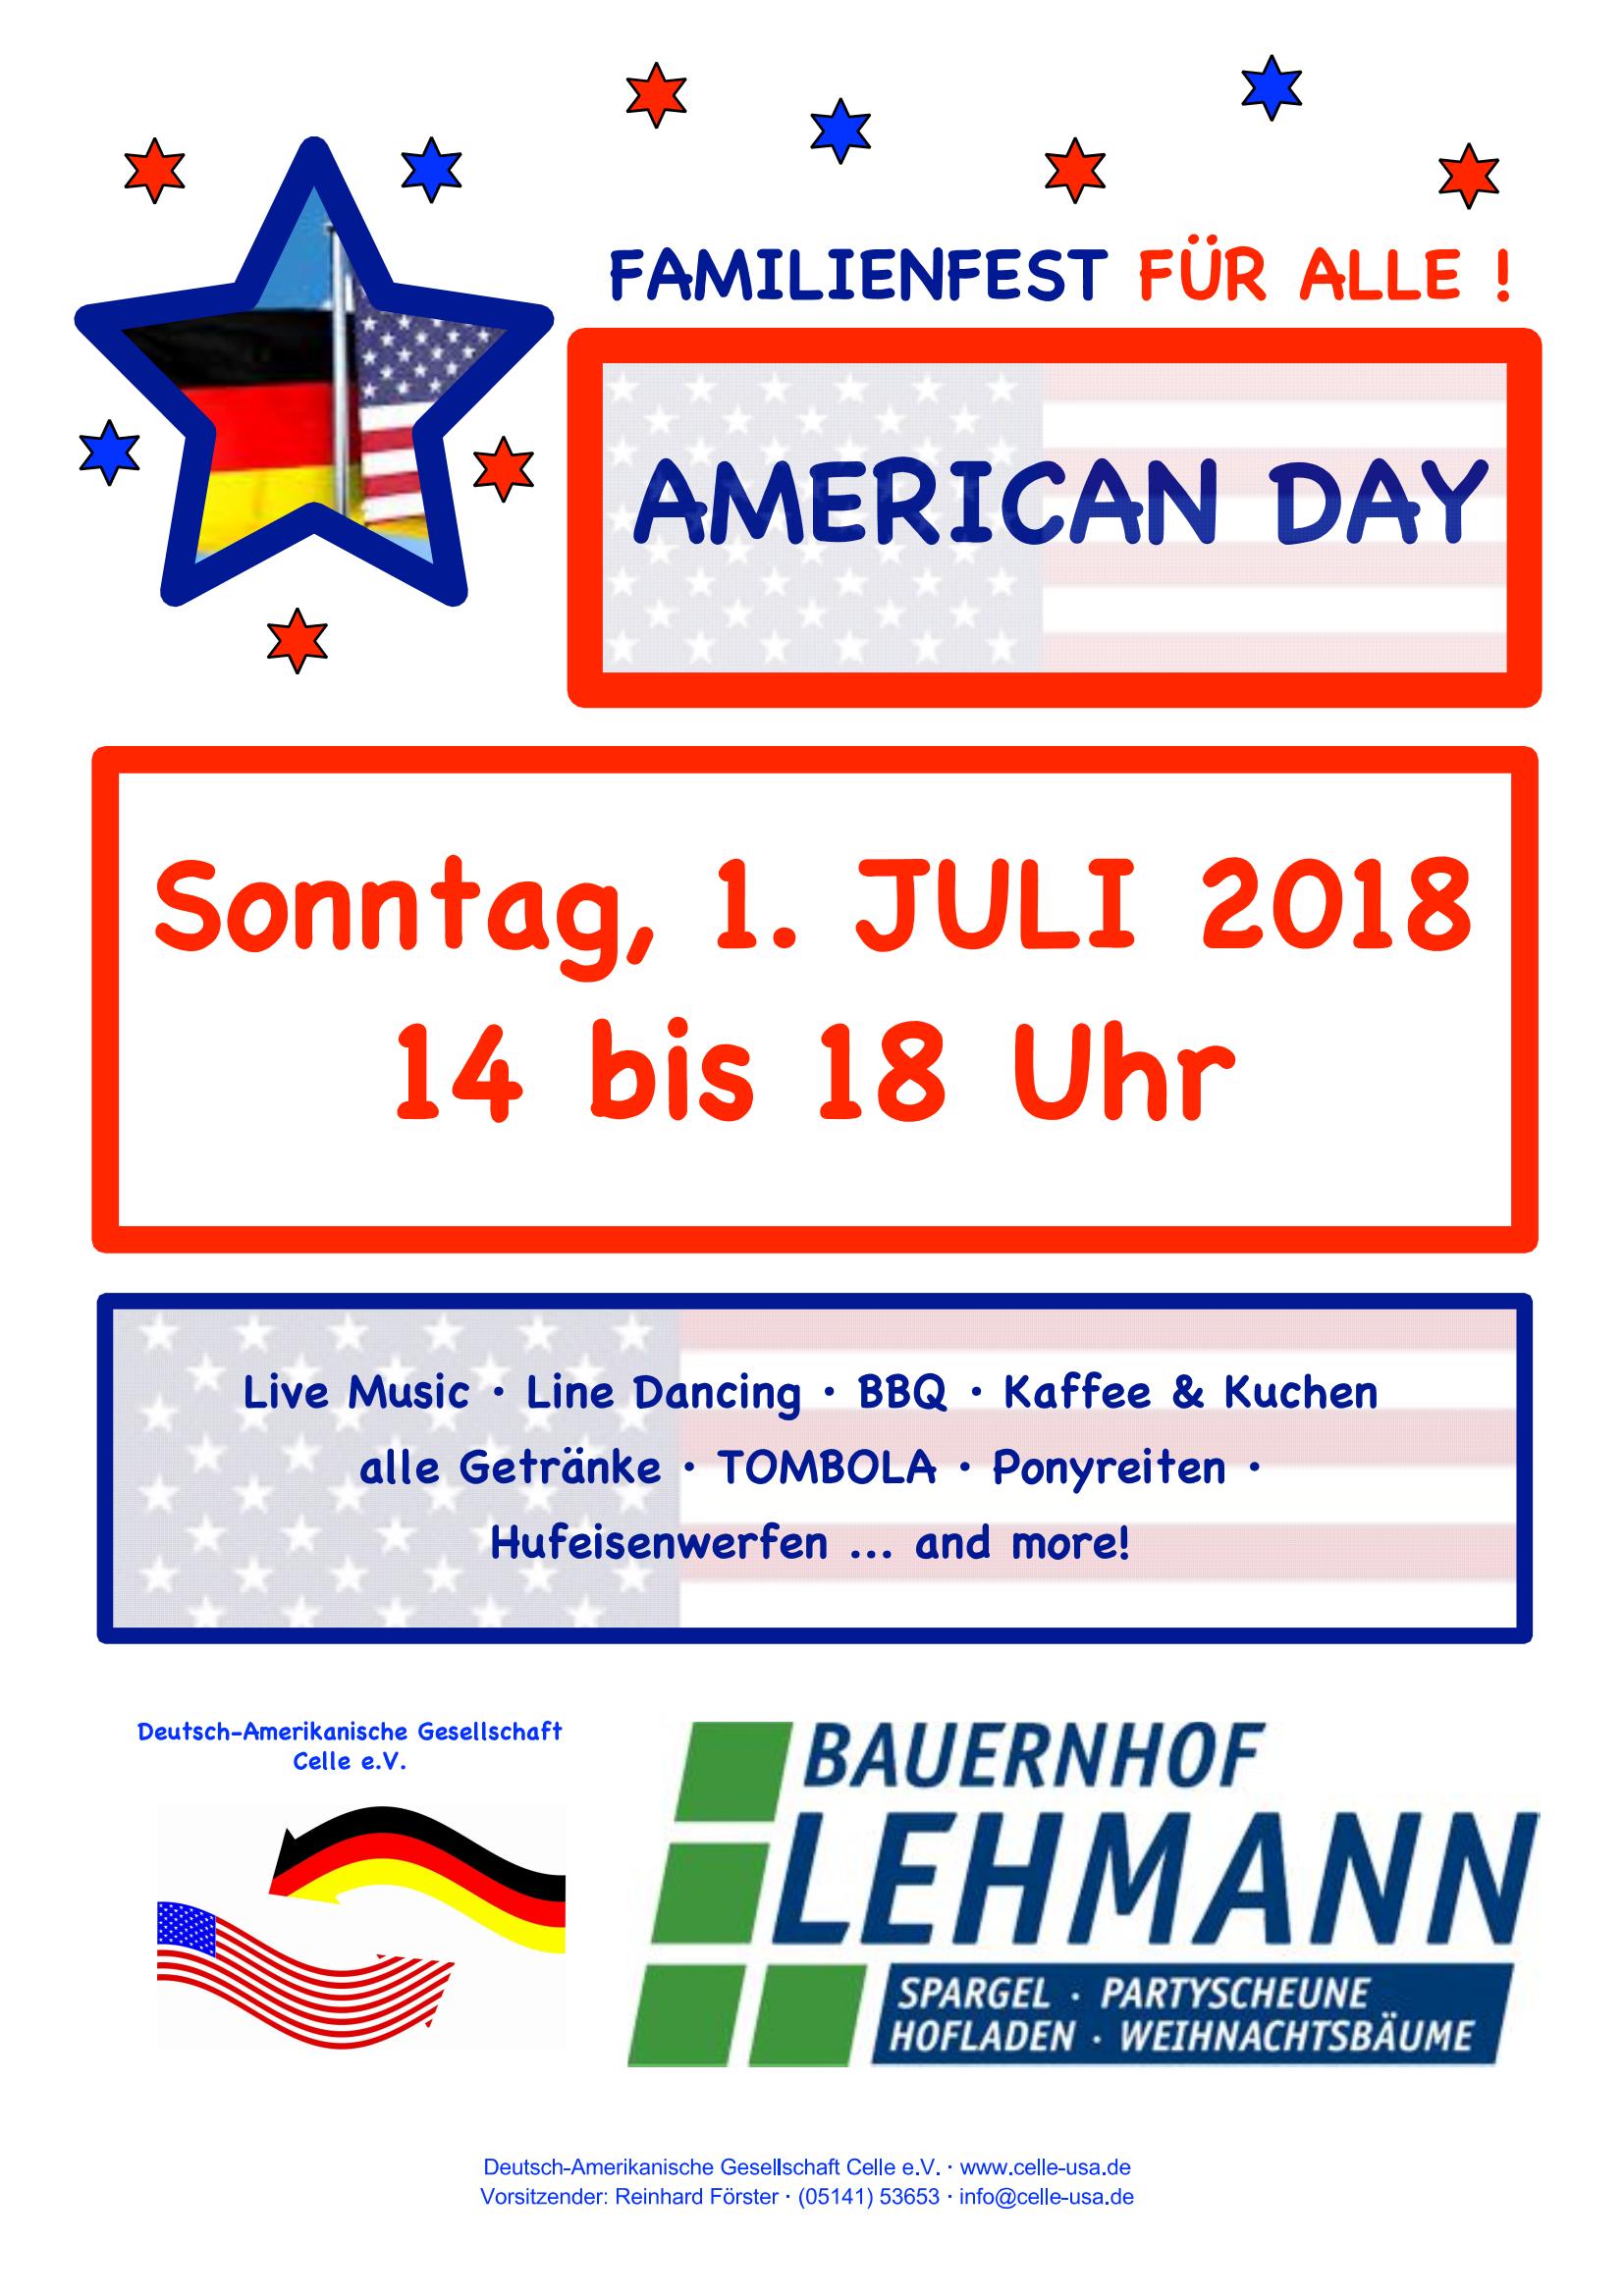 American Day am Sonntag, den 01.07.2018 – Bauernhof Lehmann